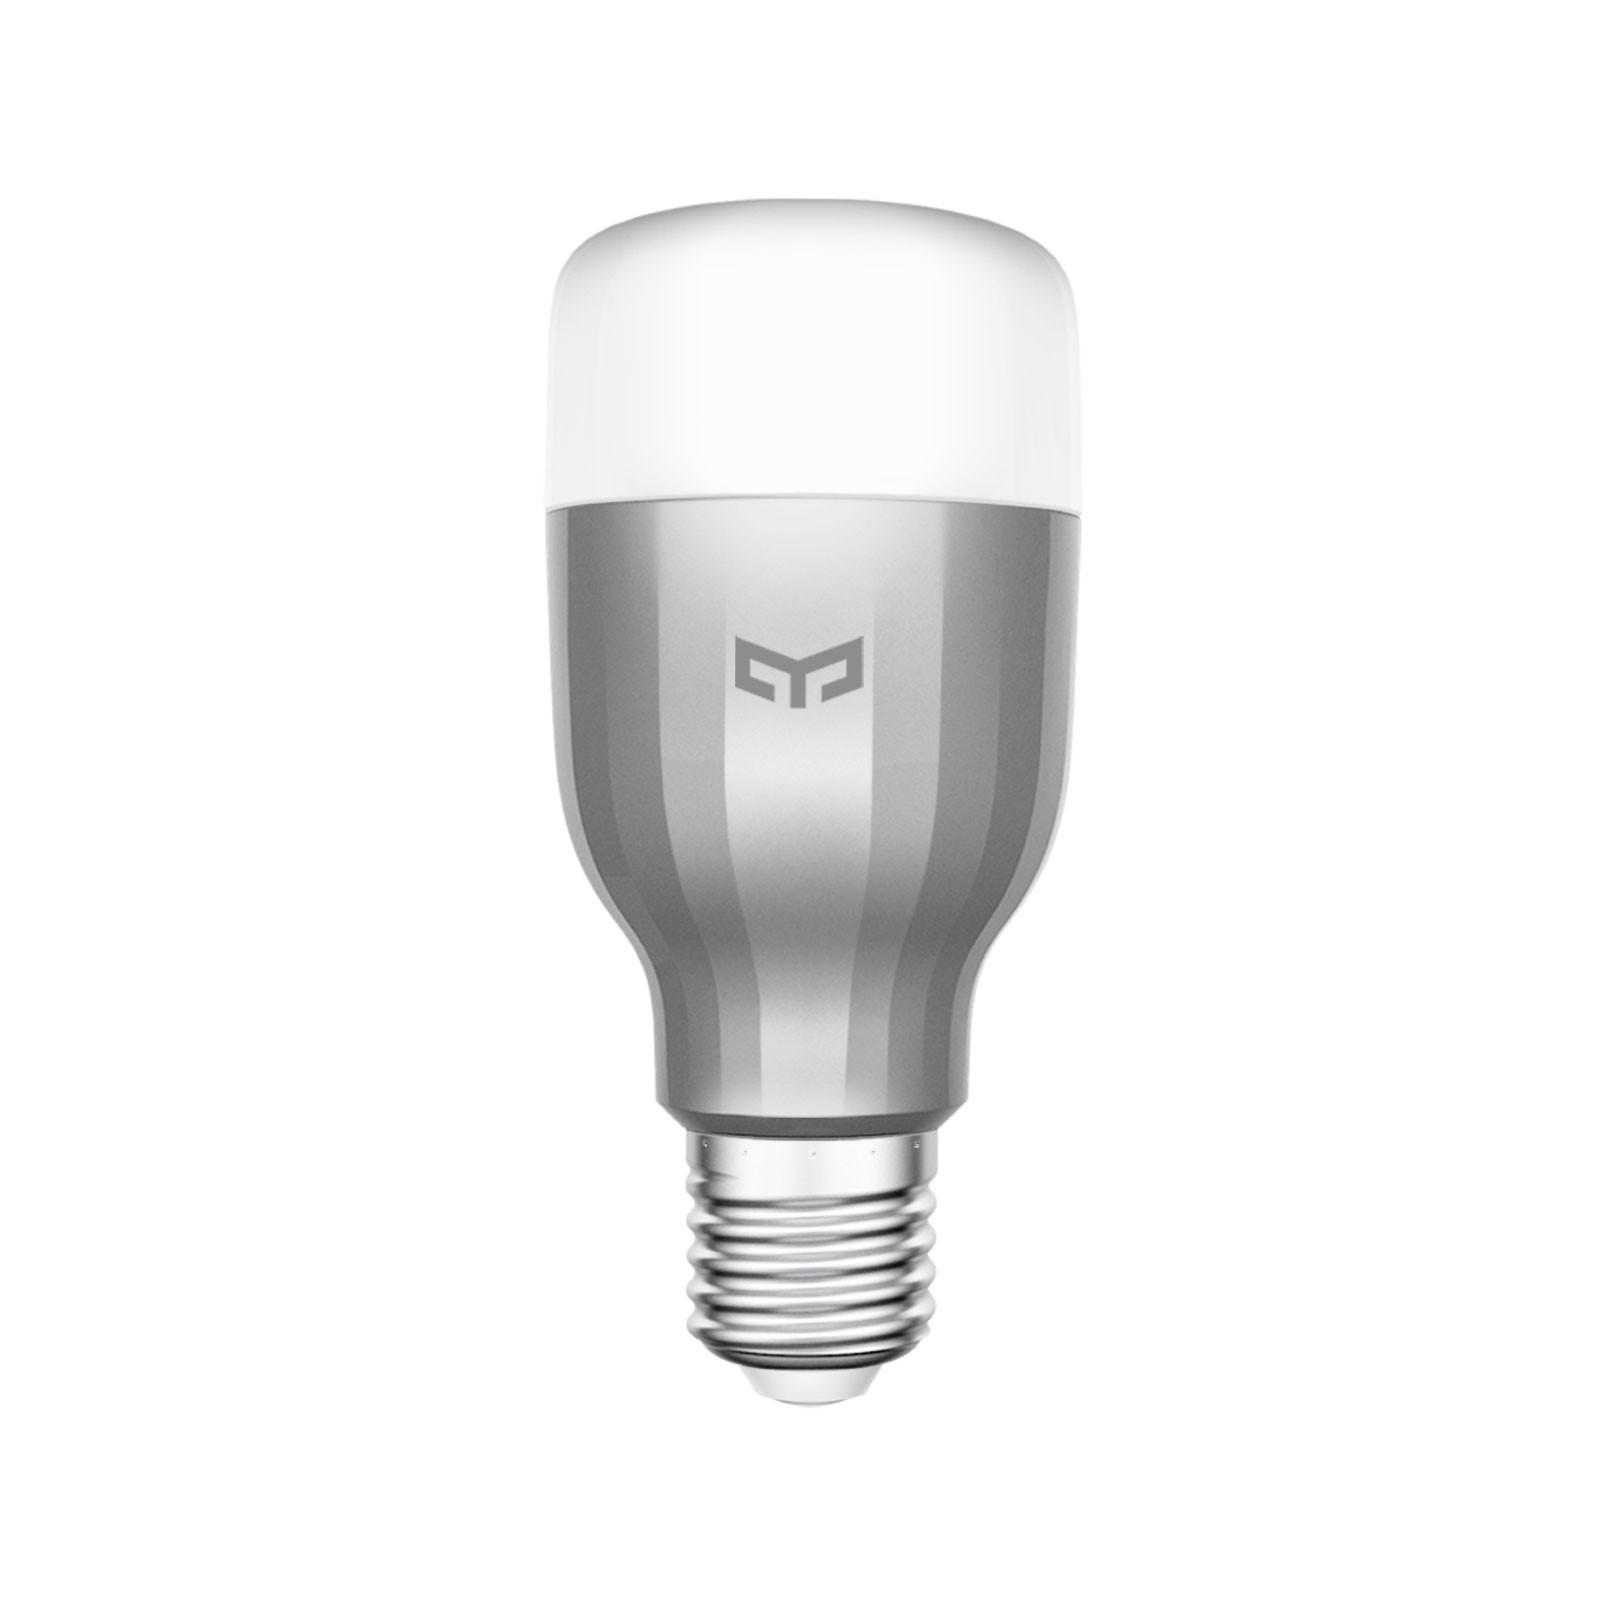 Yeelight LED Bulb – levná chytrá žárovka nyní za akčních 335 Kč! [sponzorovaný článek]